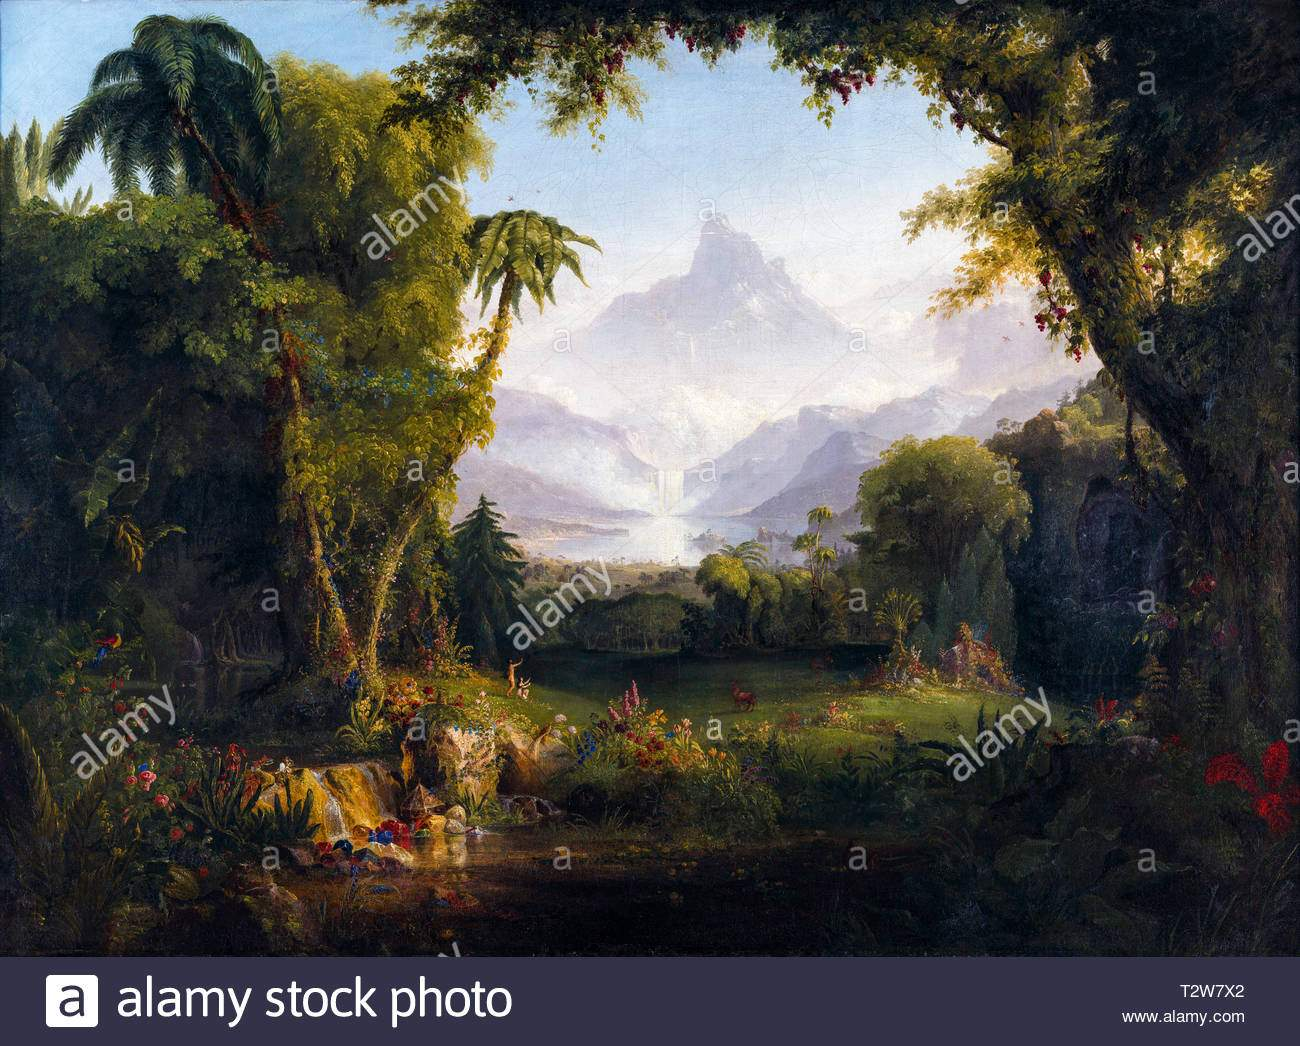 thomas cole der garten eden malerei 1828 image